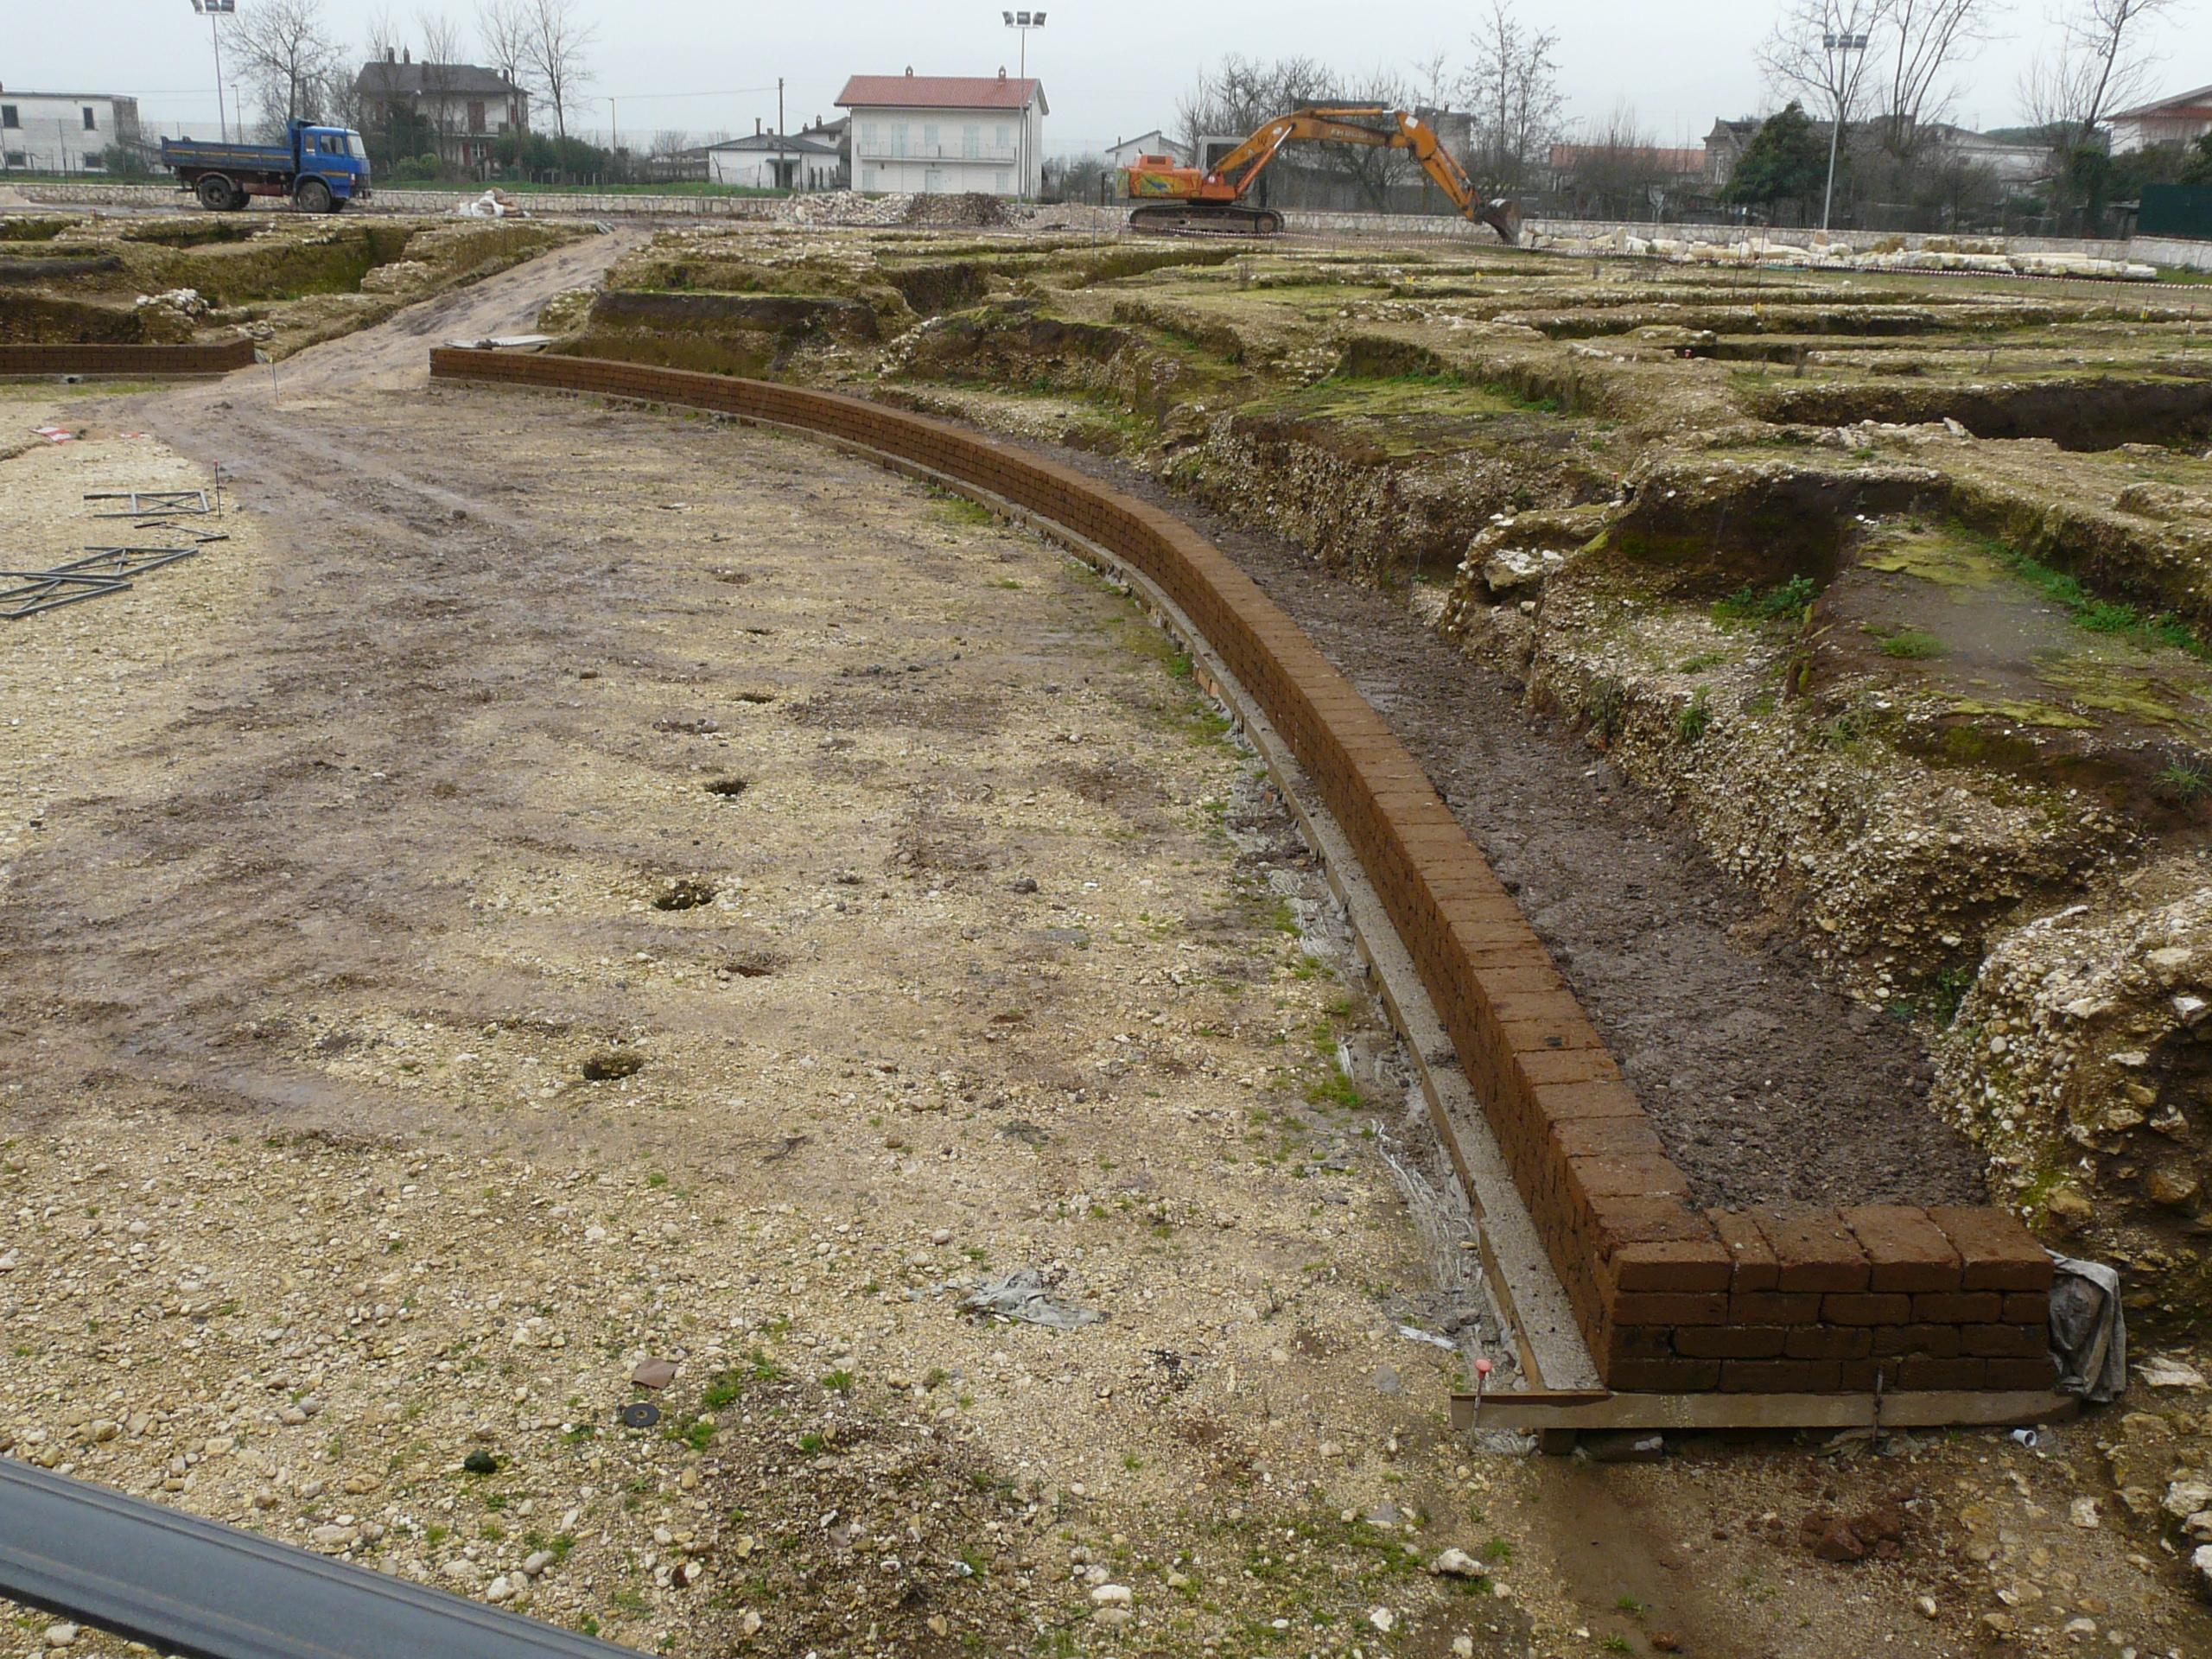 Anfiteatro romano - 09.02.03 (11).JPG